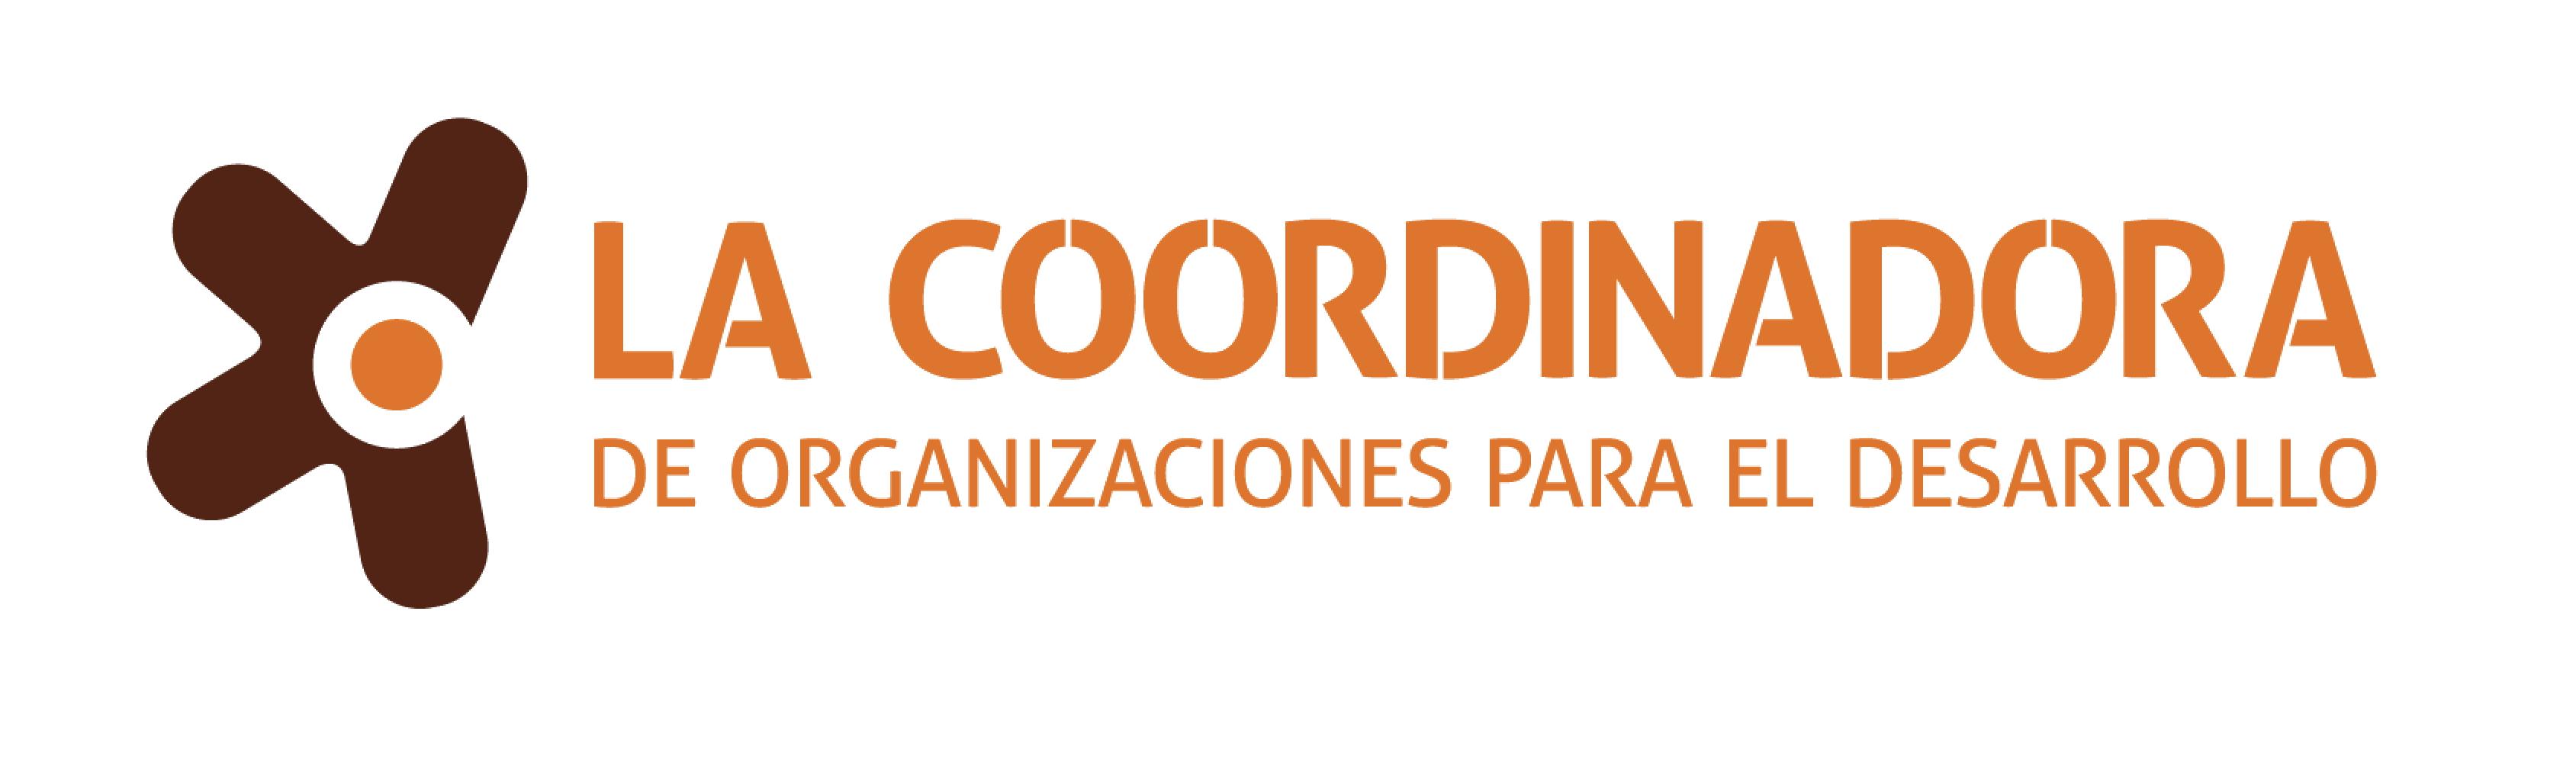 LaCoordinadoraHor